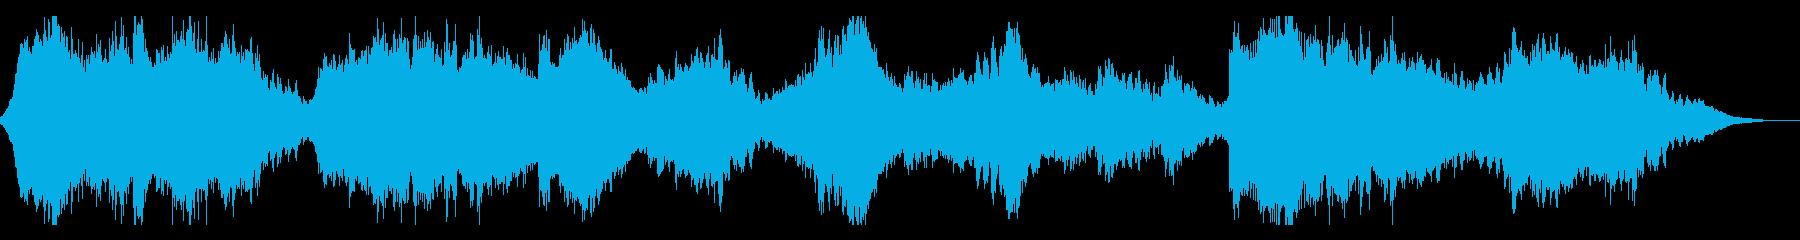 不気味なSF風サウンドスケープの再生済みの波形